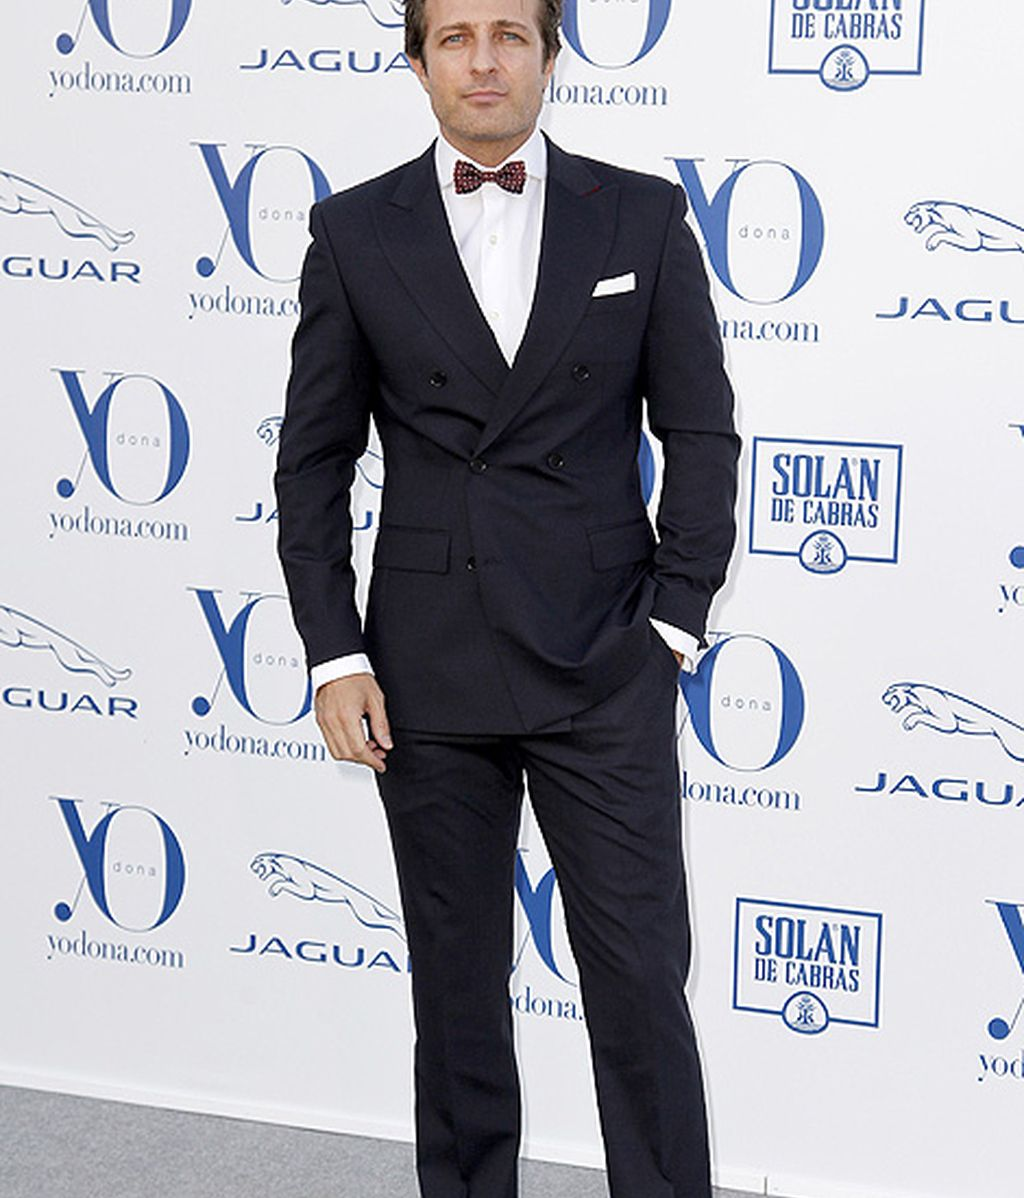 El actor Jesús Olmedo, con pajarita durante la entrega de premios